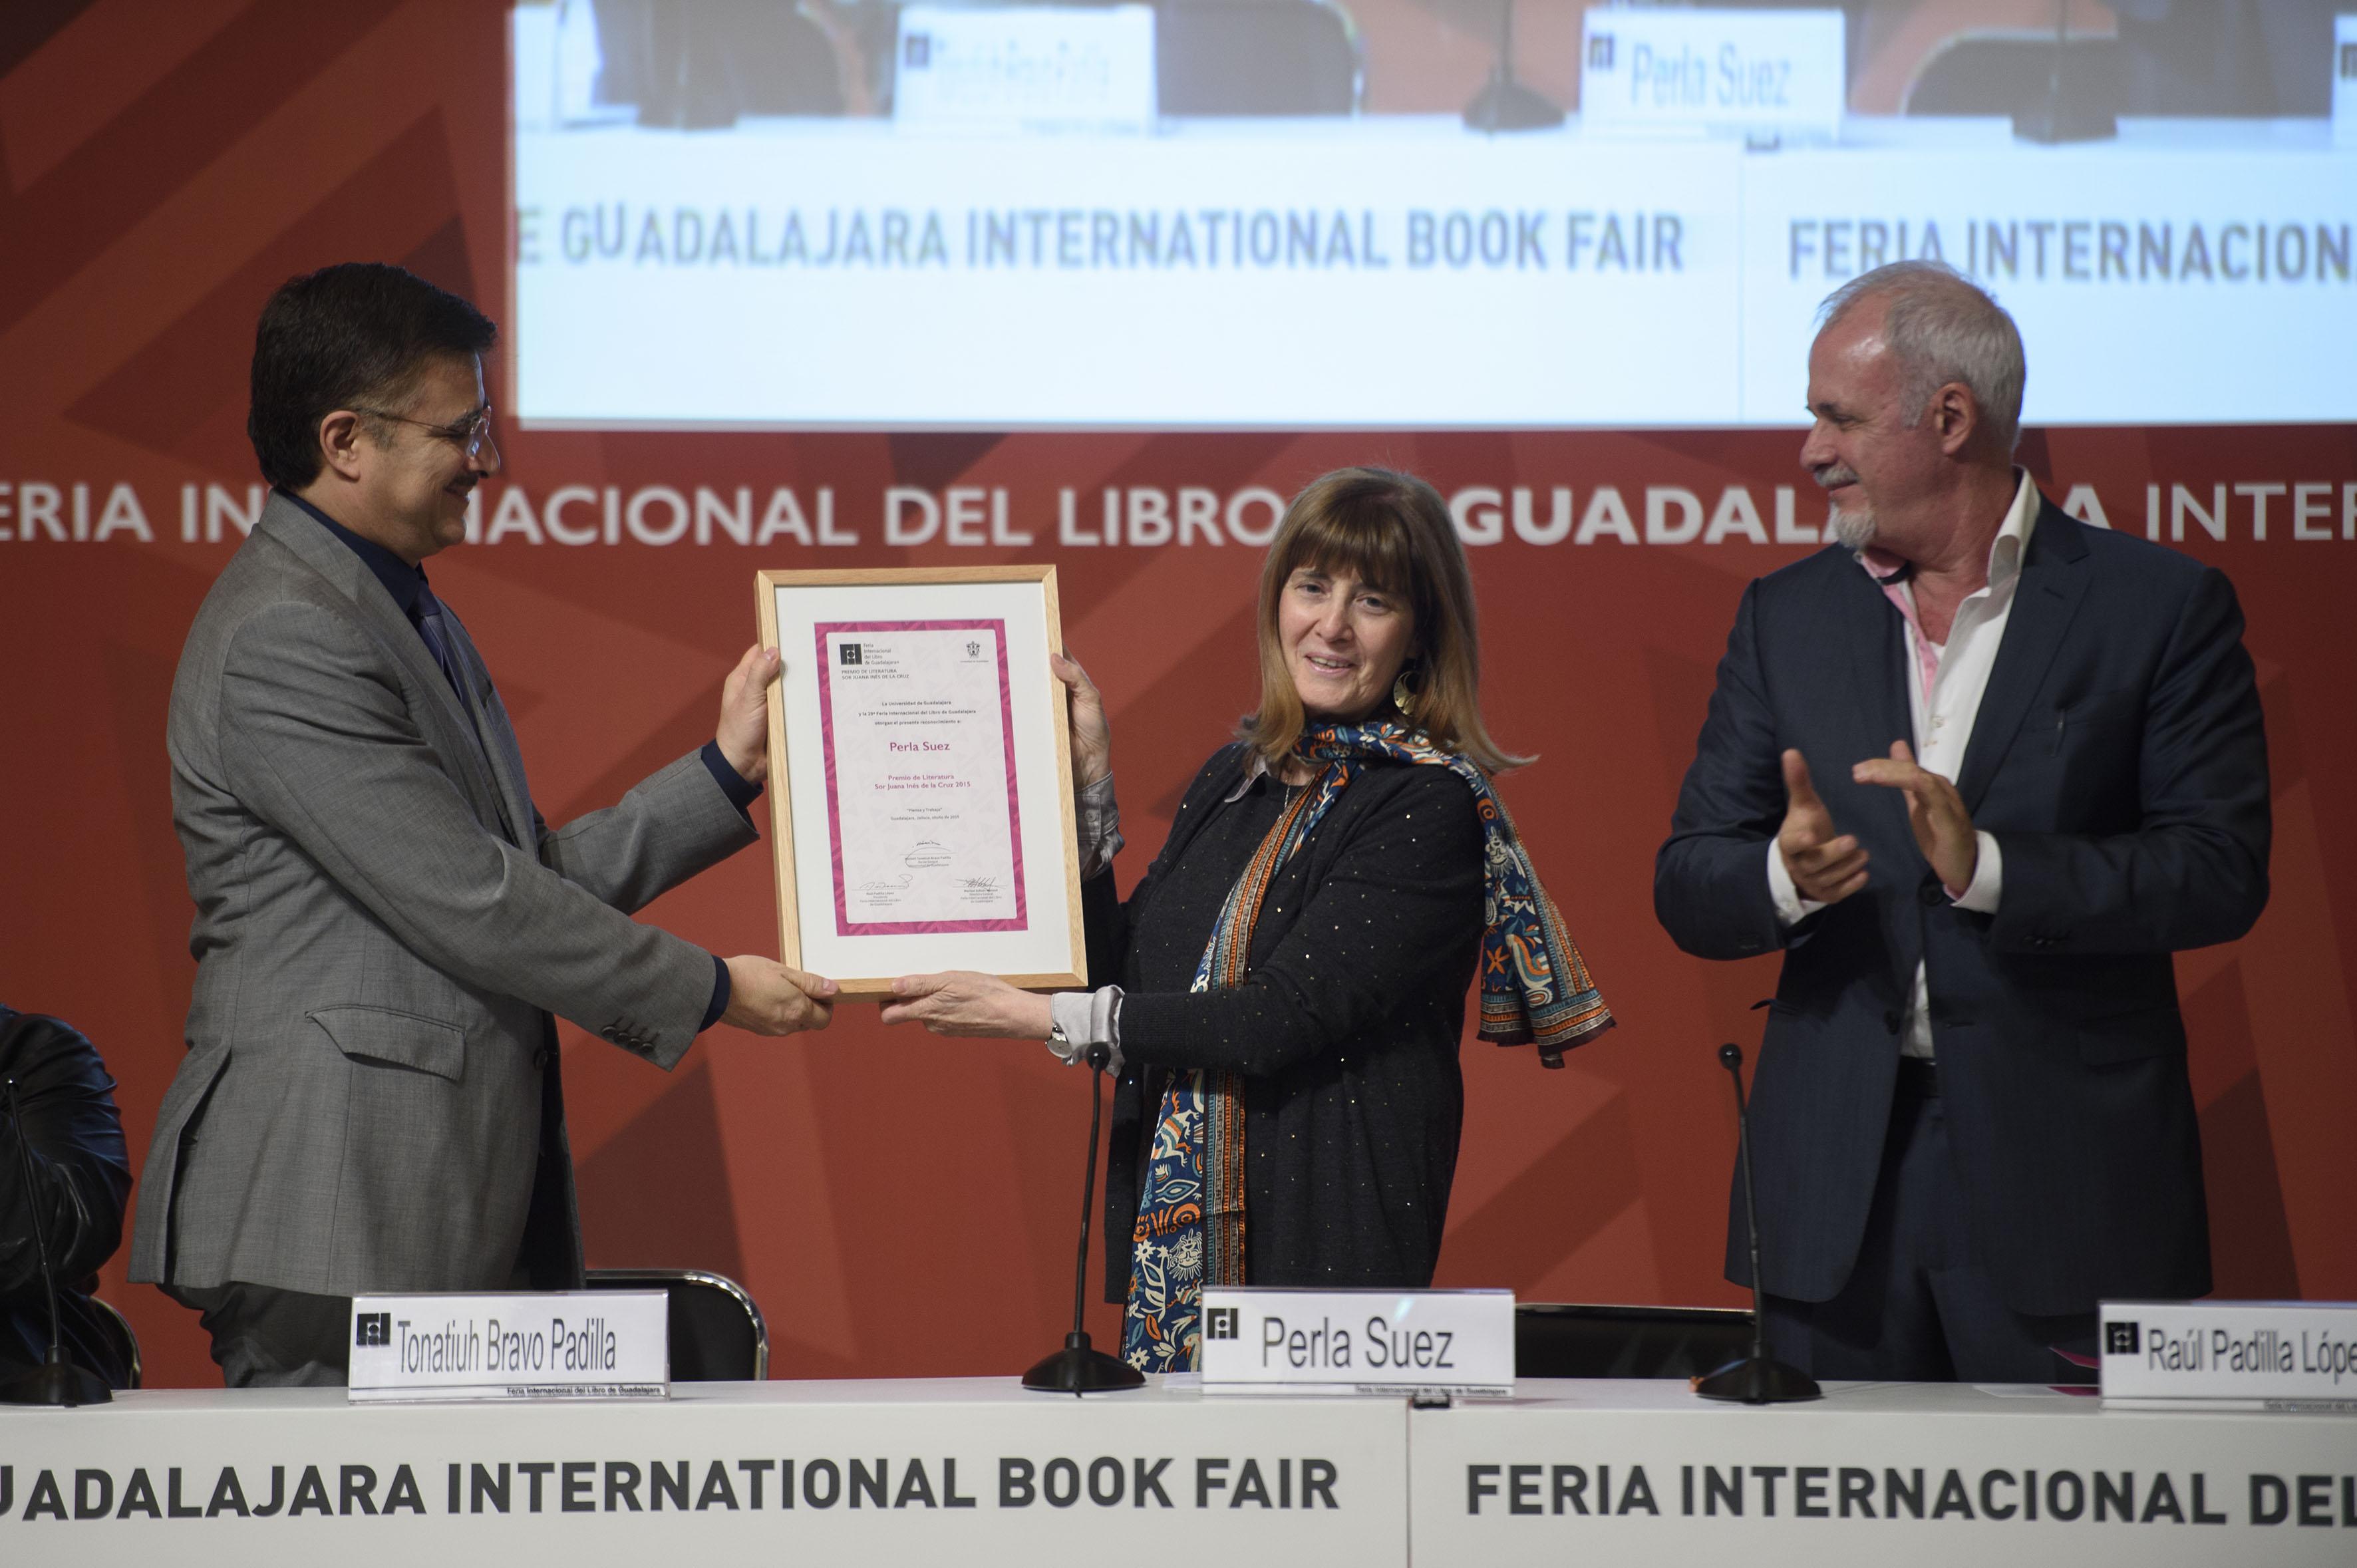 Mtro Itzcóatl Tonatiuh Bravo Padilla, Perla Suez y Lic. Raul Padilla López durante la ceremonia del Premio Sor Juana  Ines de la Cruz 2015